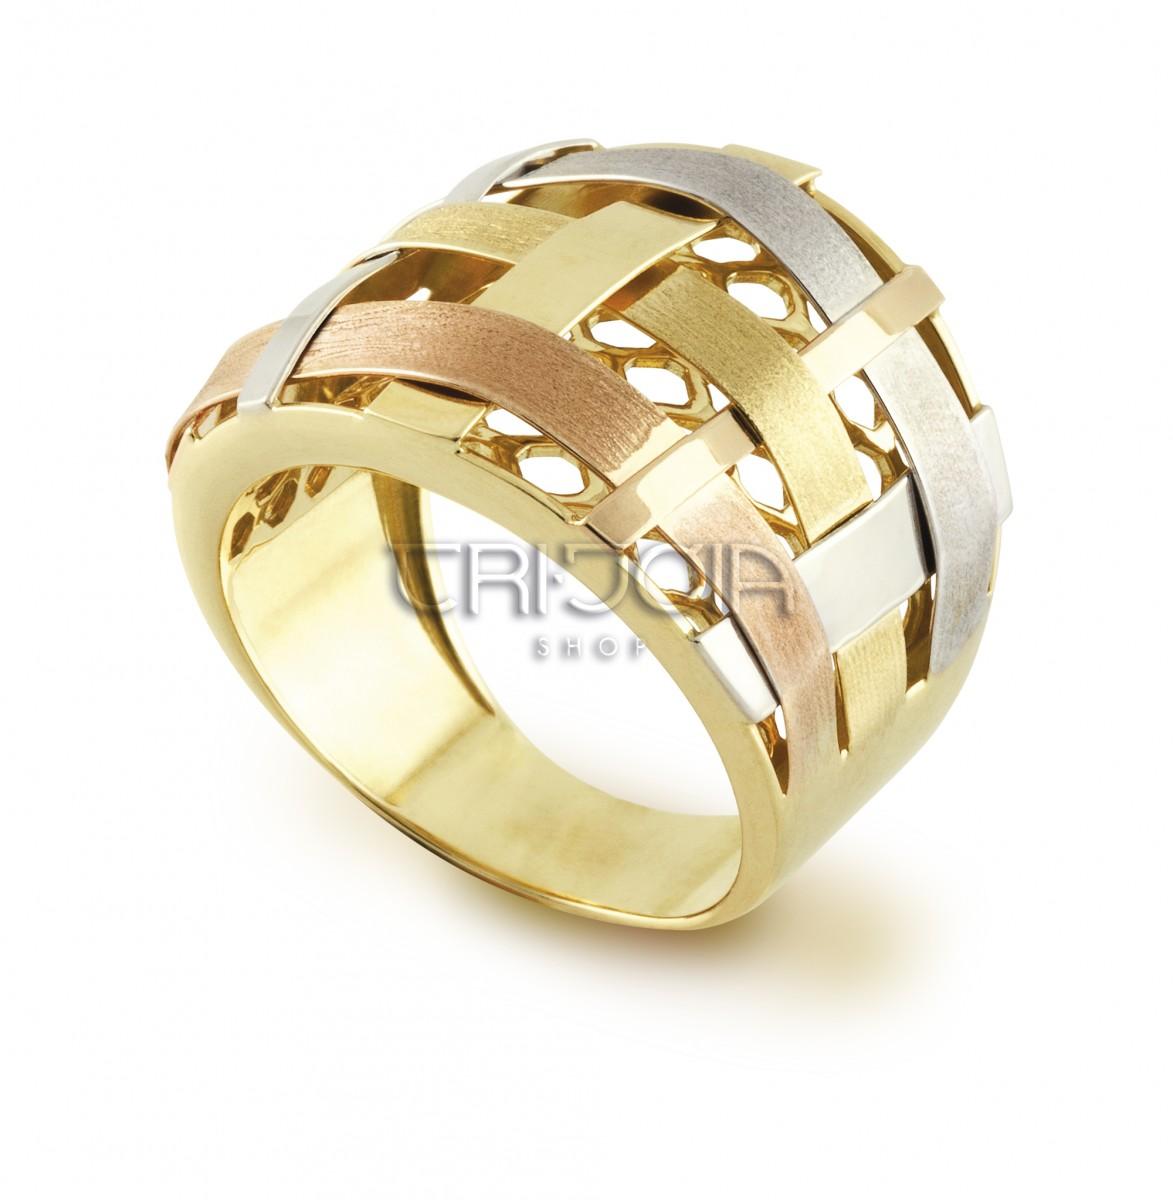 078ee96433027 Anel em ouro 18k 750au Transpaçado Tricolor